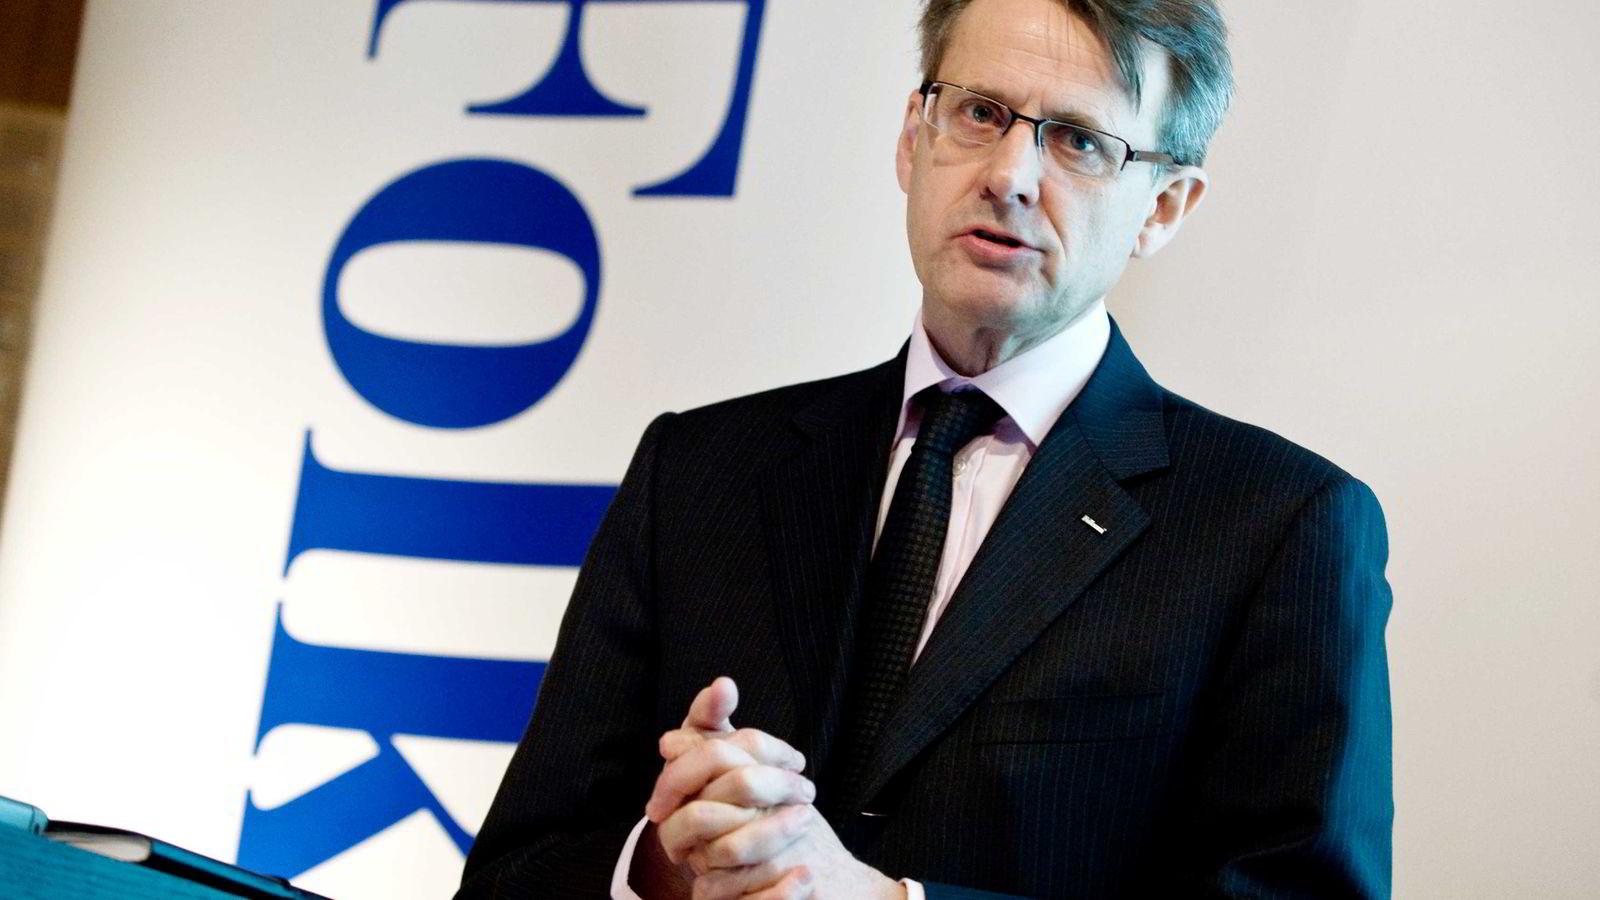 Onsdag ble det kjent at Anders Sundström blir kastet som styreleder i Swedbank. Foto: Claudio Bresciani/